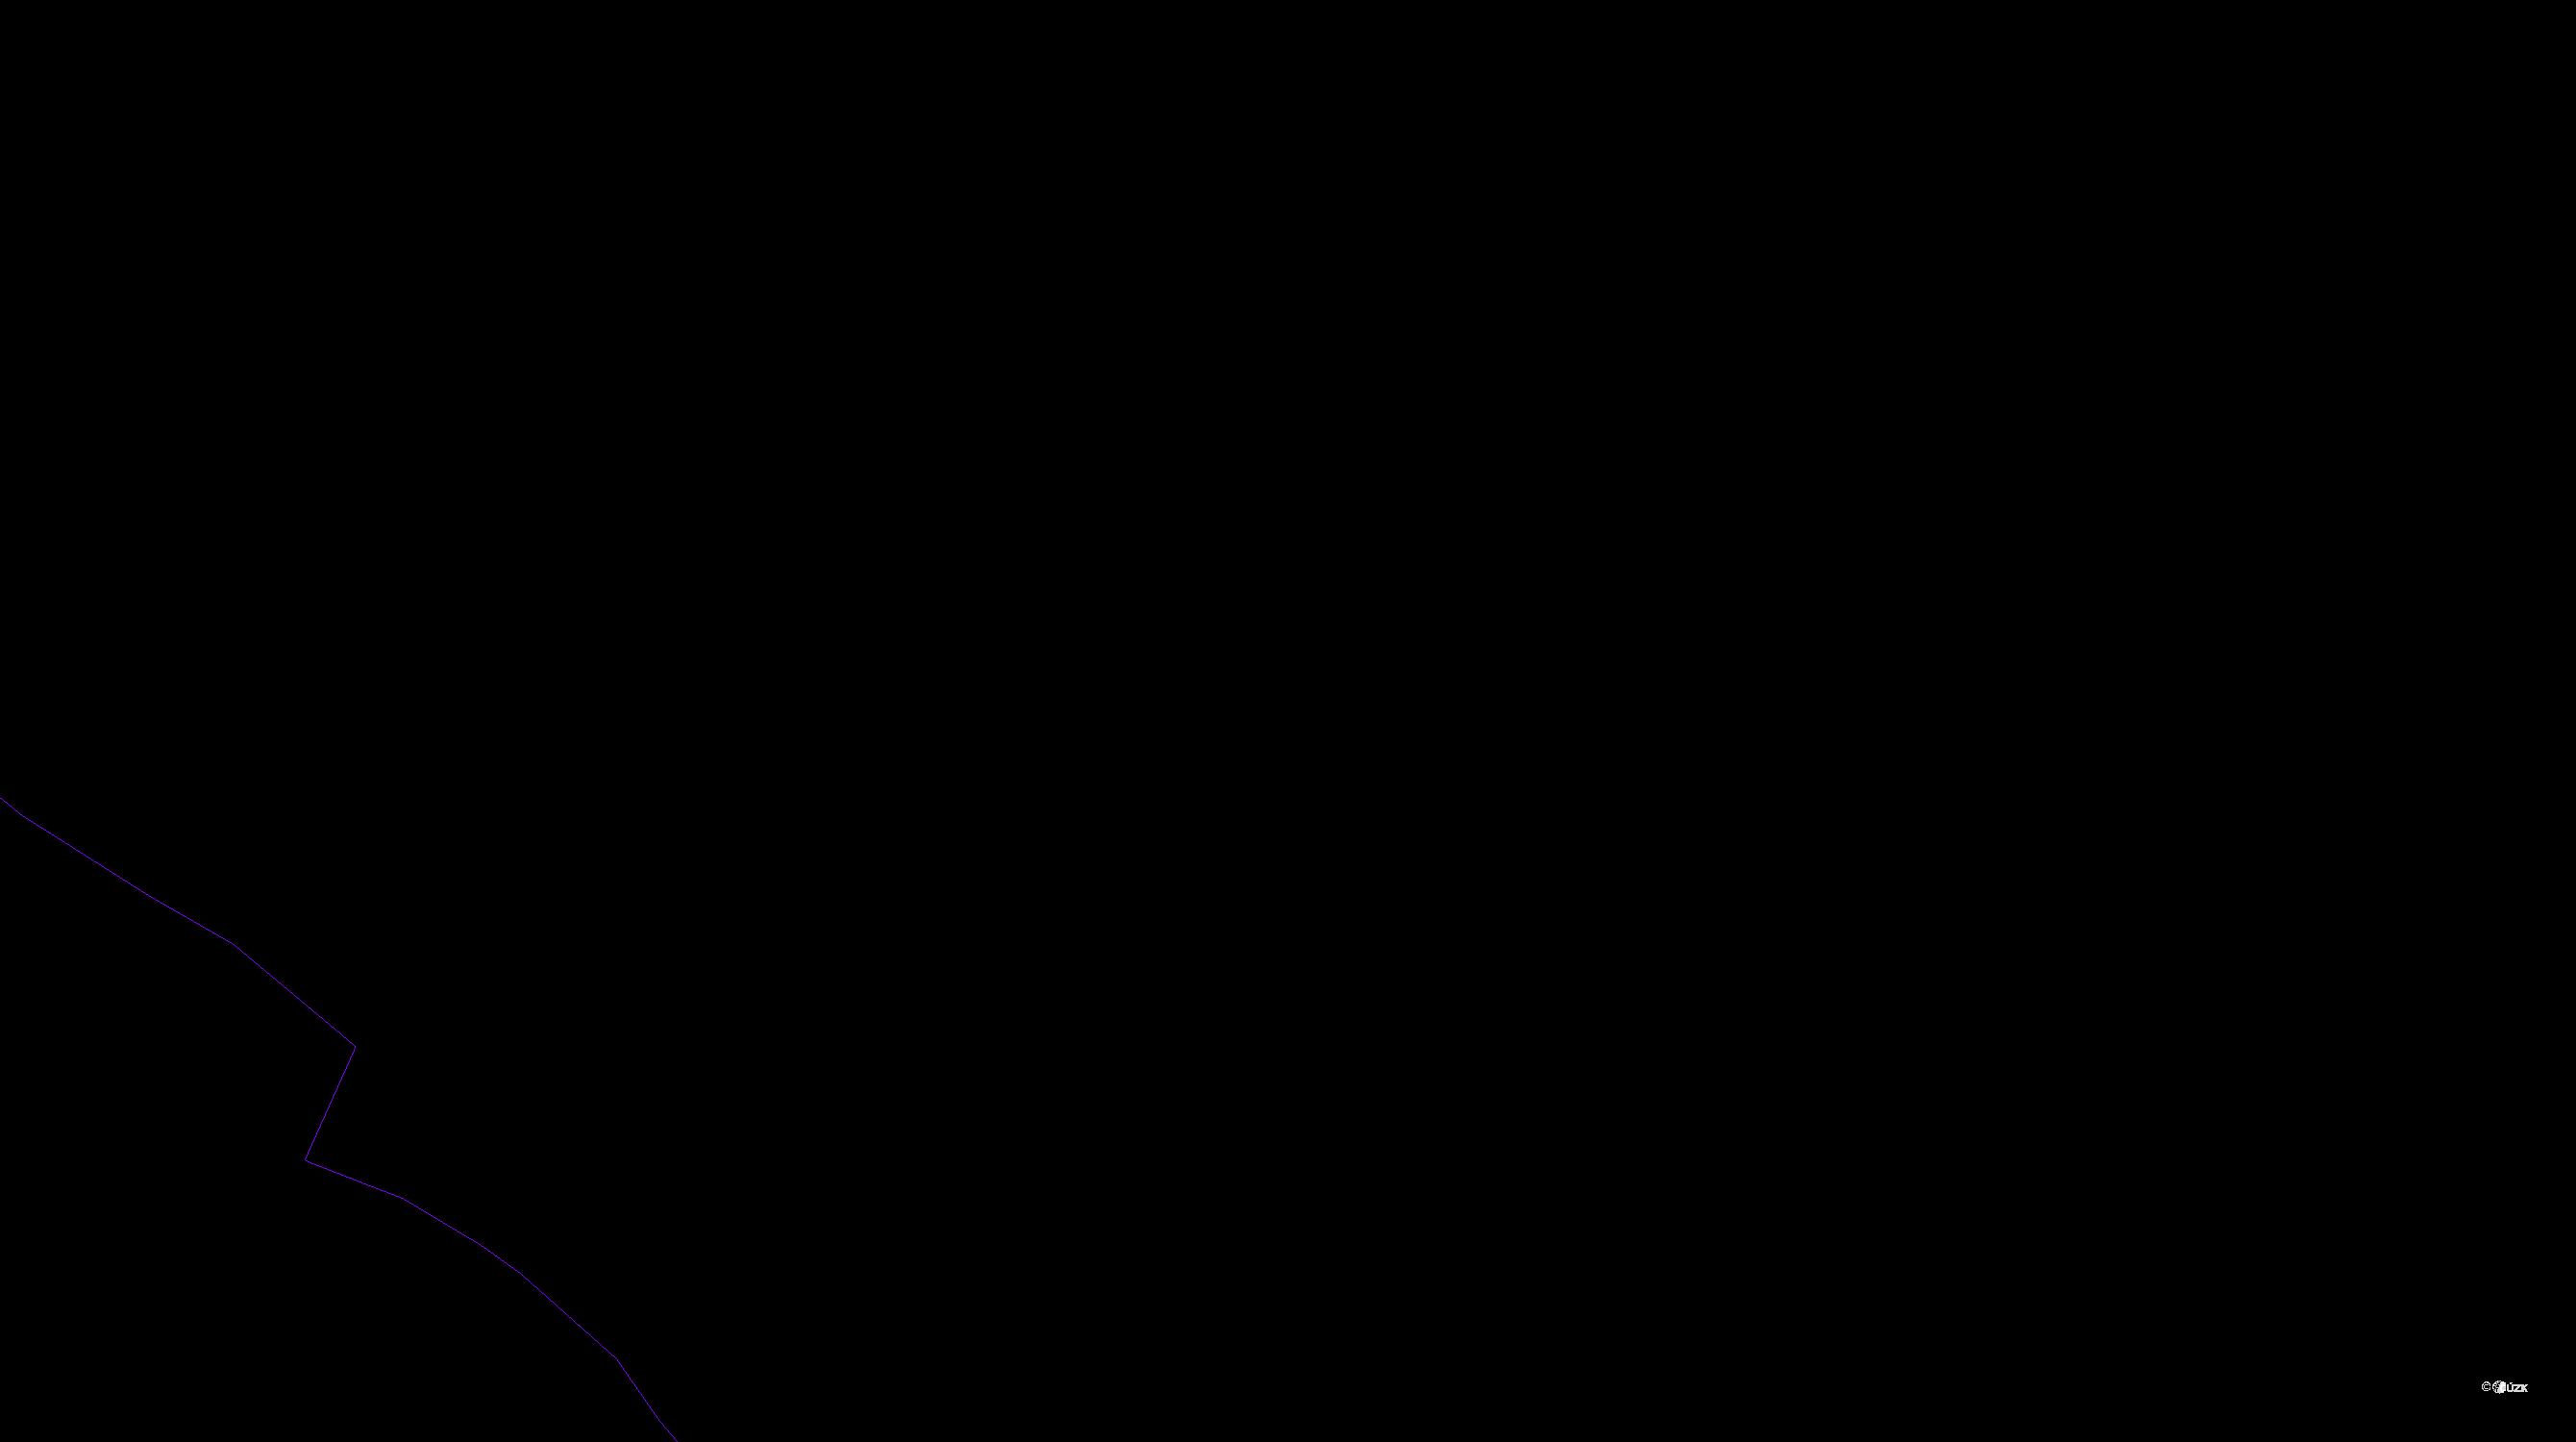 Katastrální mapa pozemků a čísla parcel Žešov